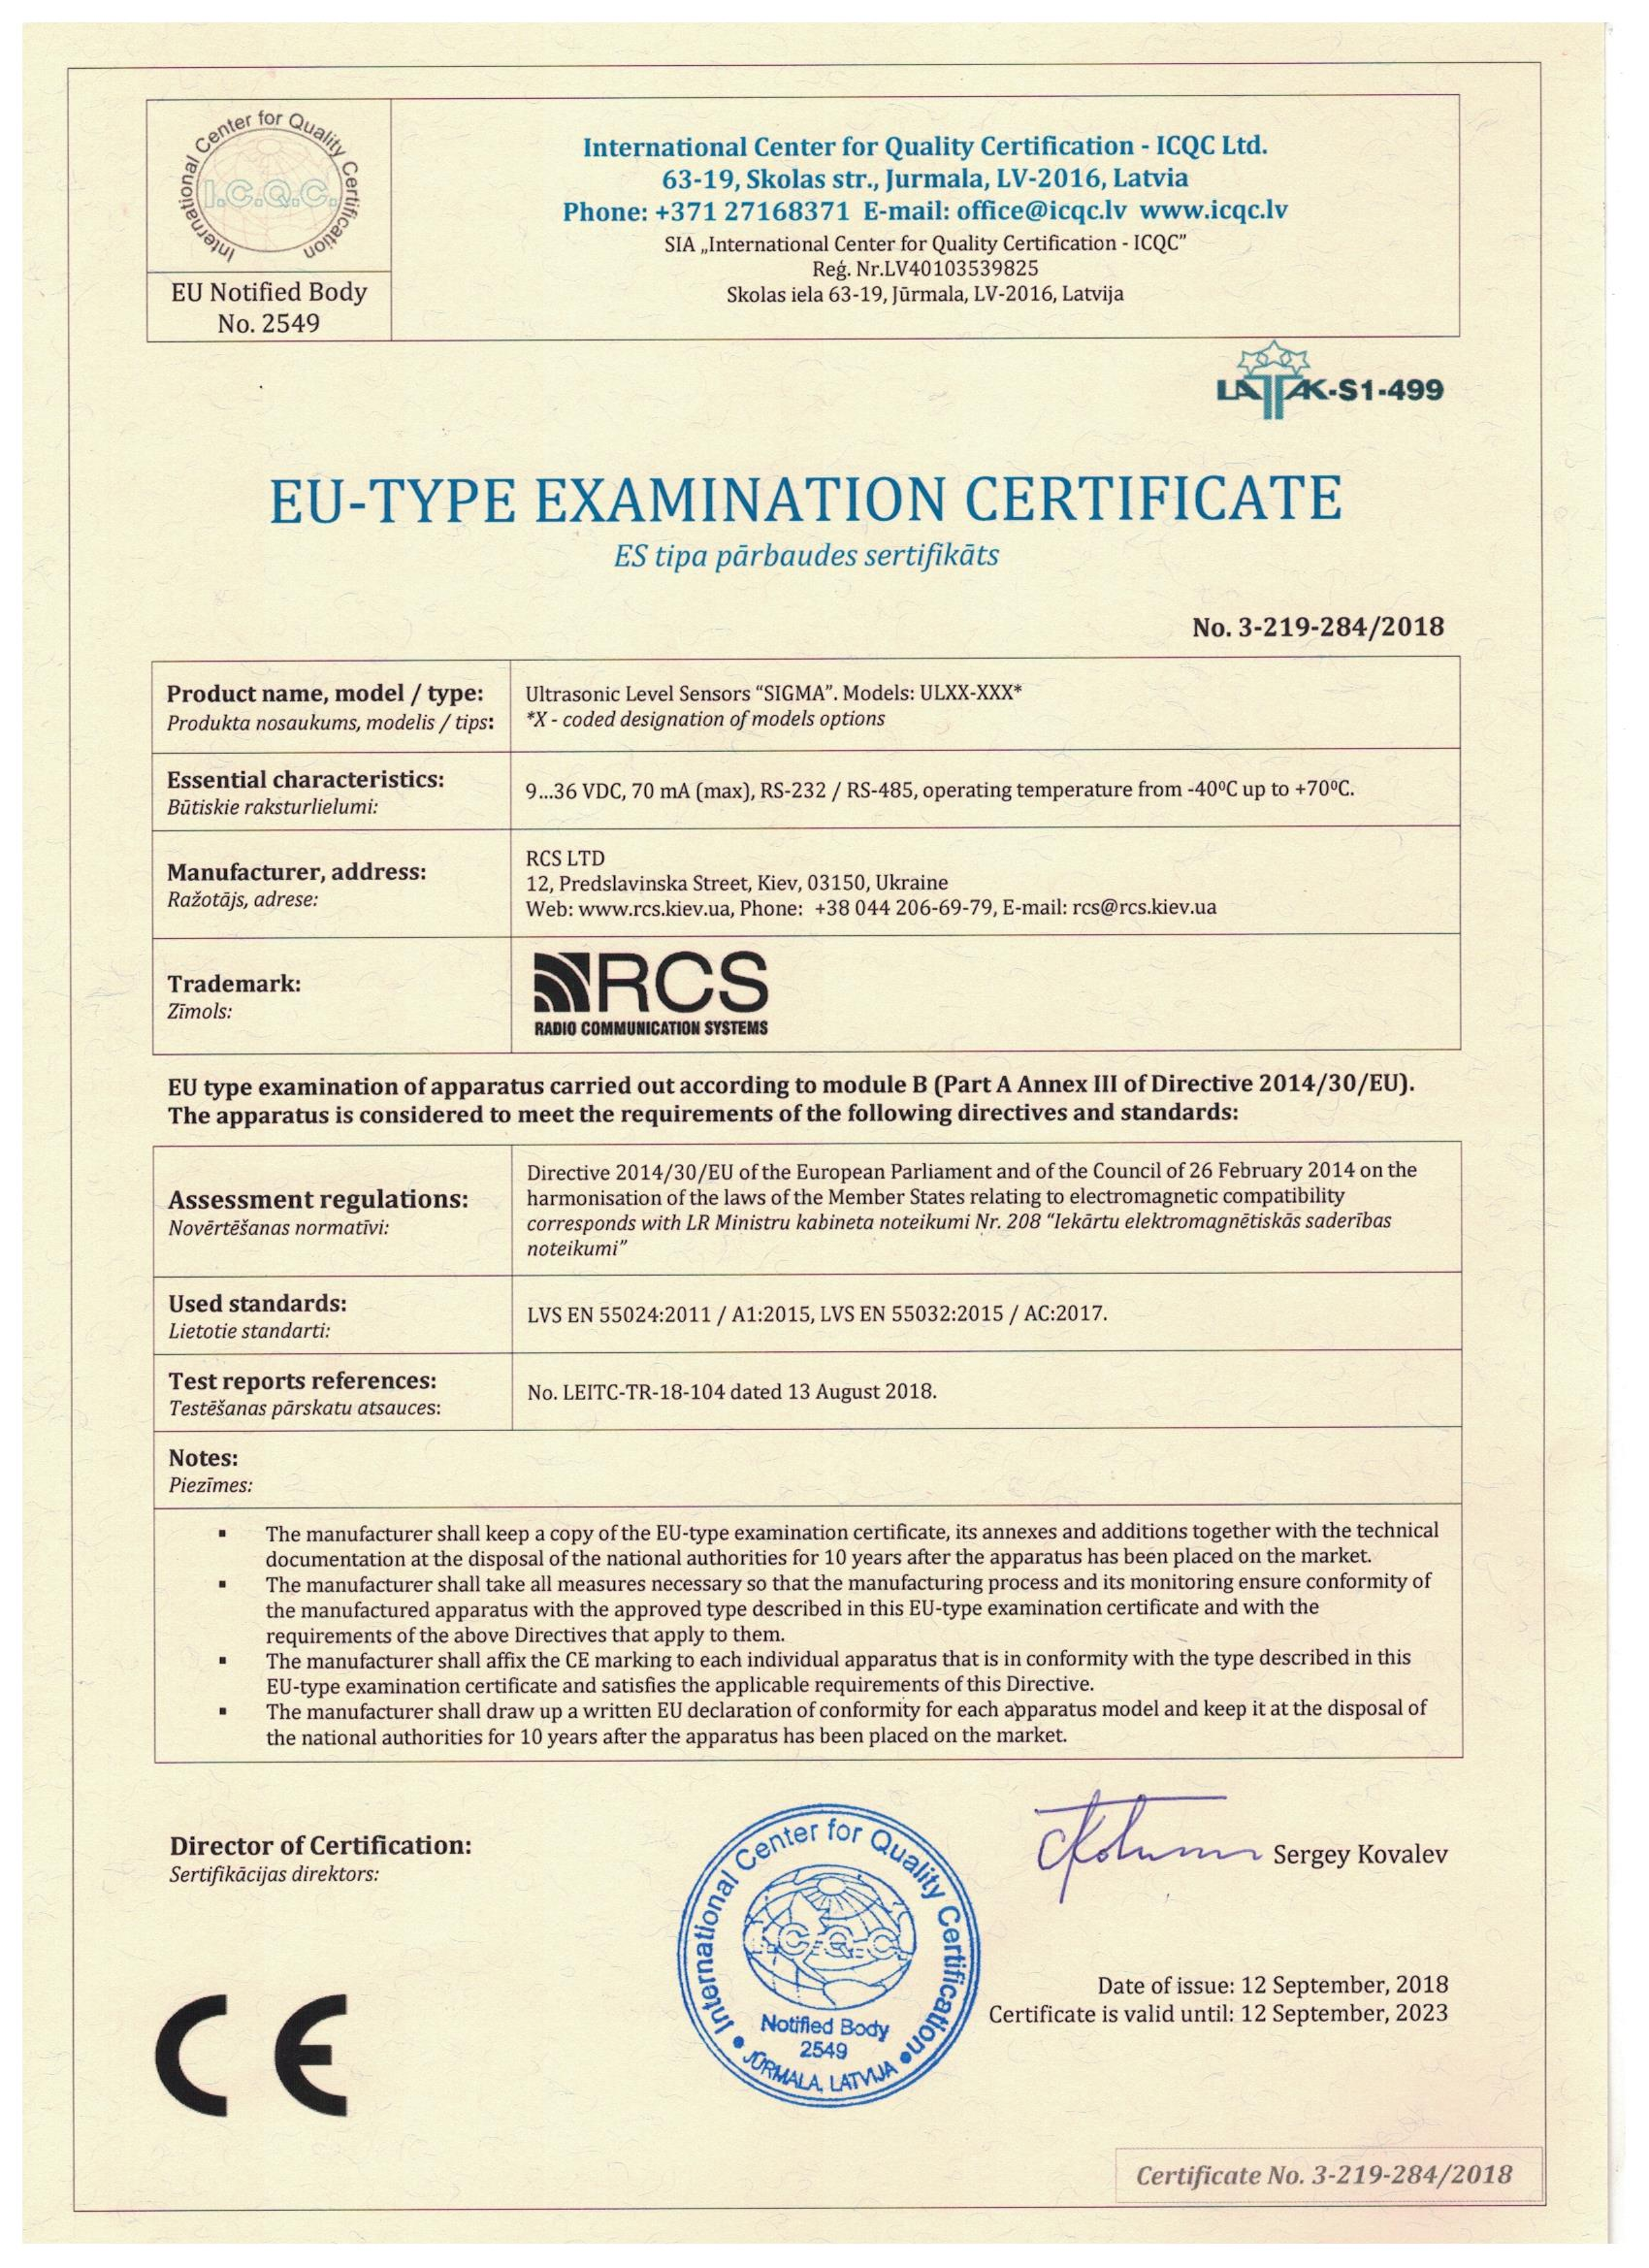 """Европейский сертификат на ультразвуковые датики """"SIGMA"""" моделей ULXX-XXX"""